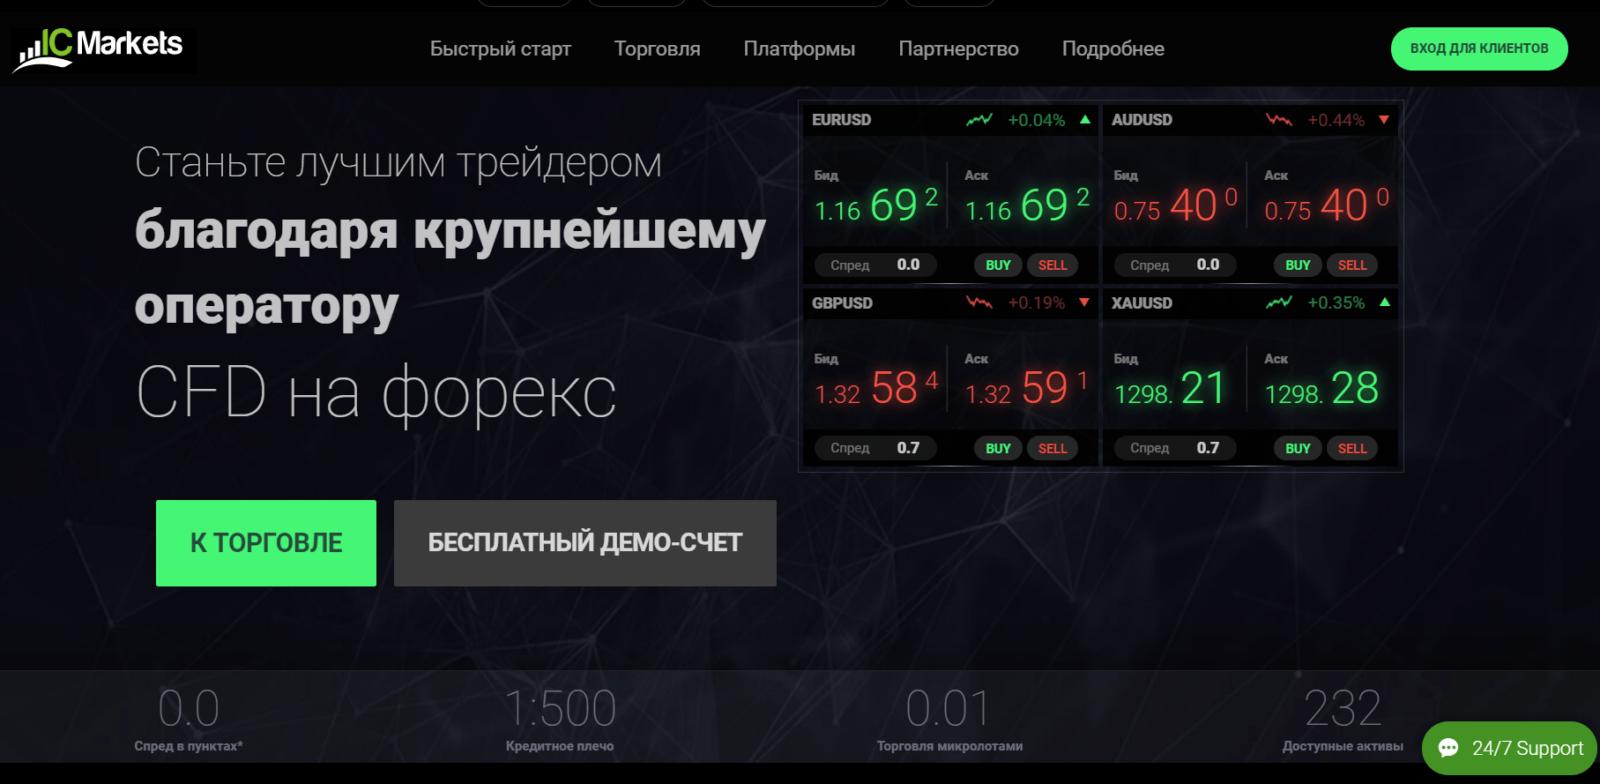 IC Markets компания обзор с отзывами о брокере